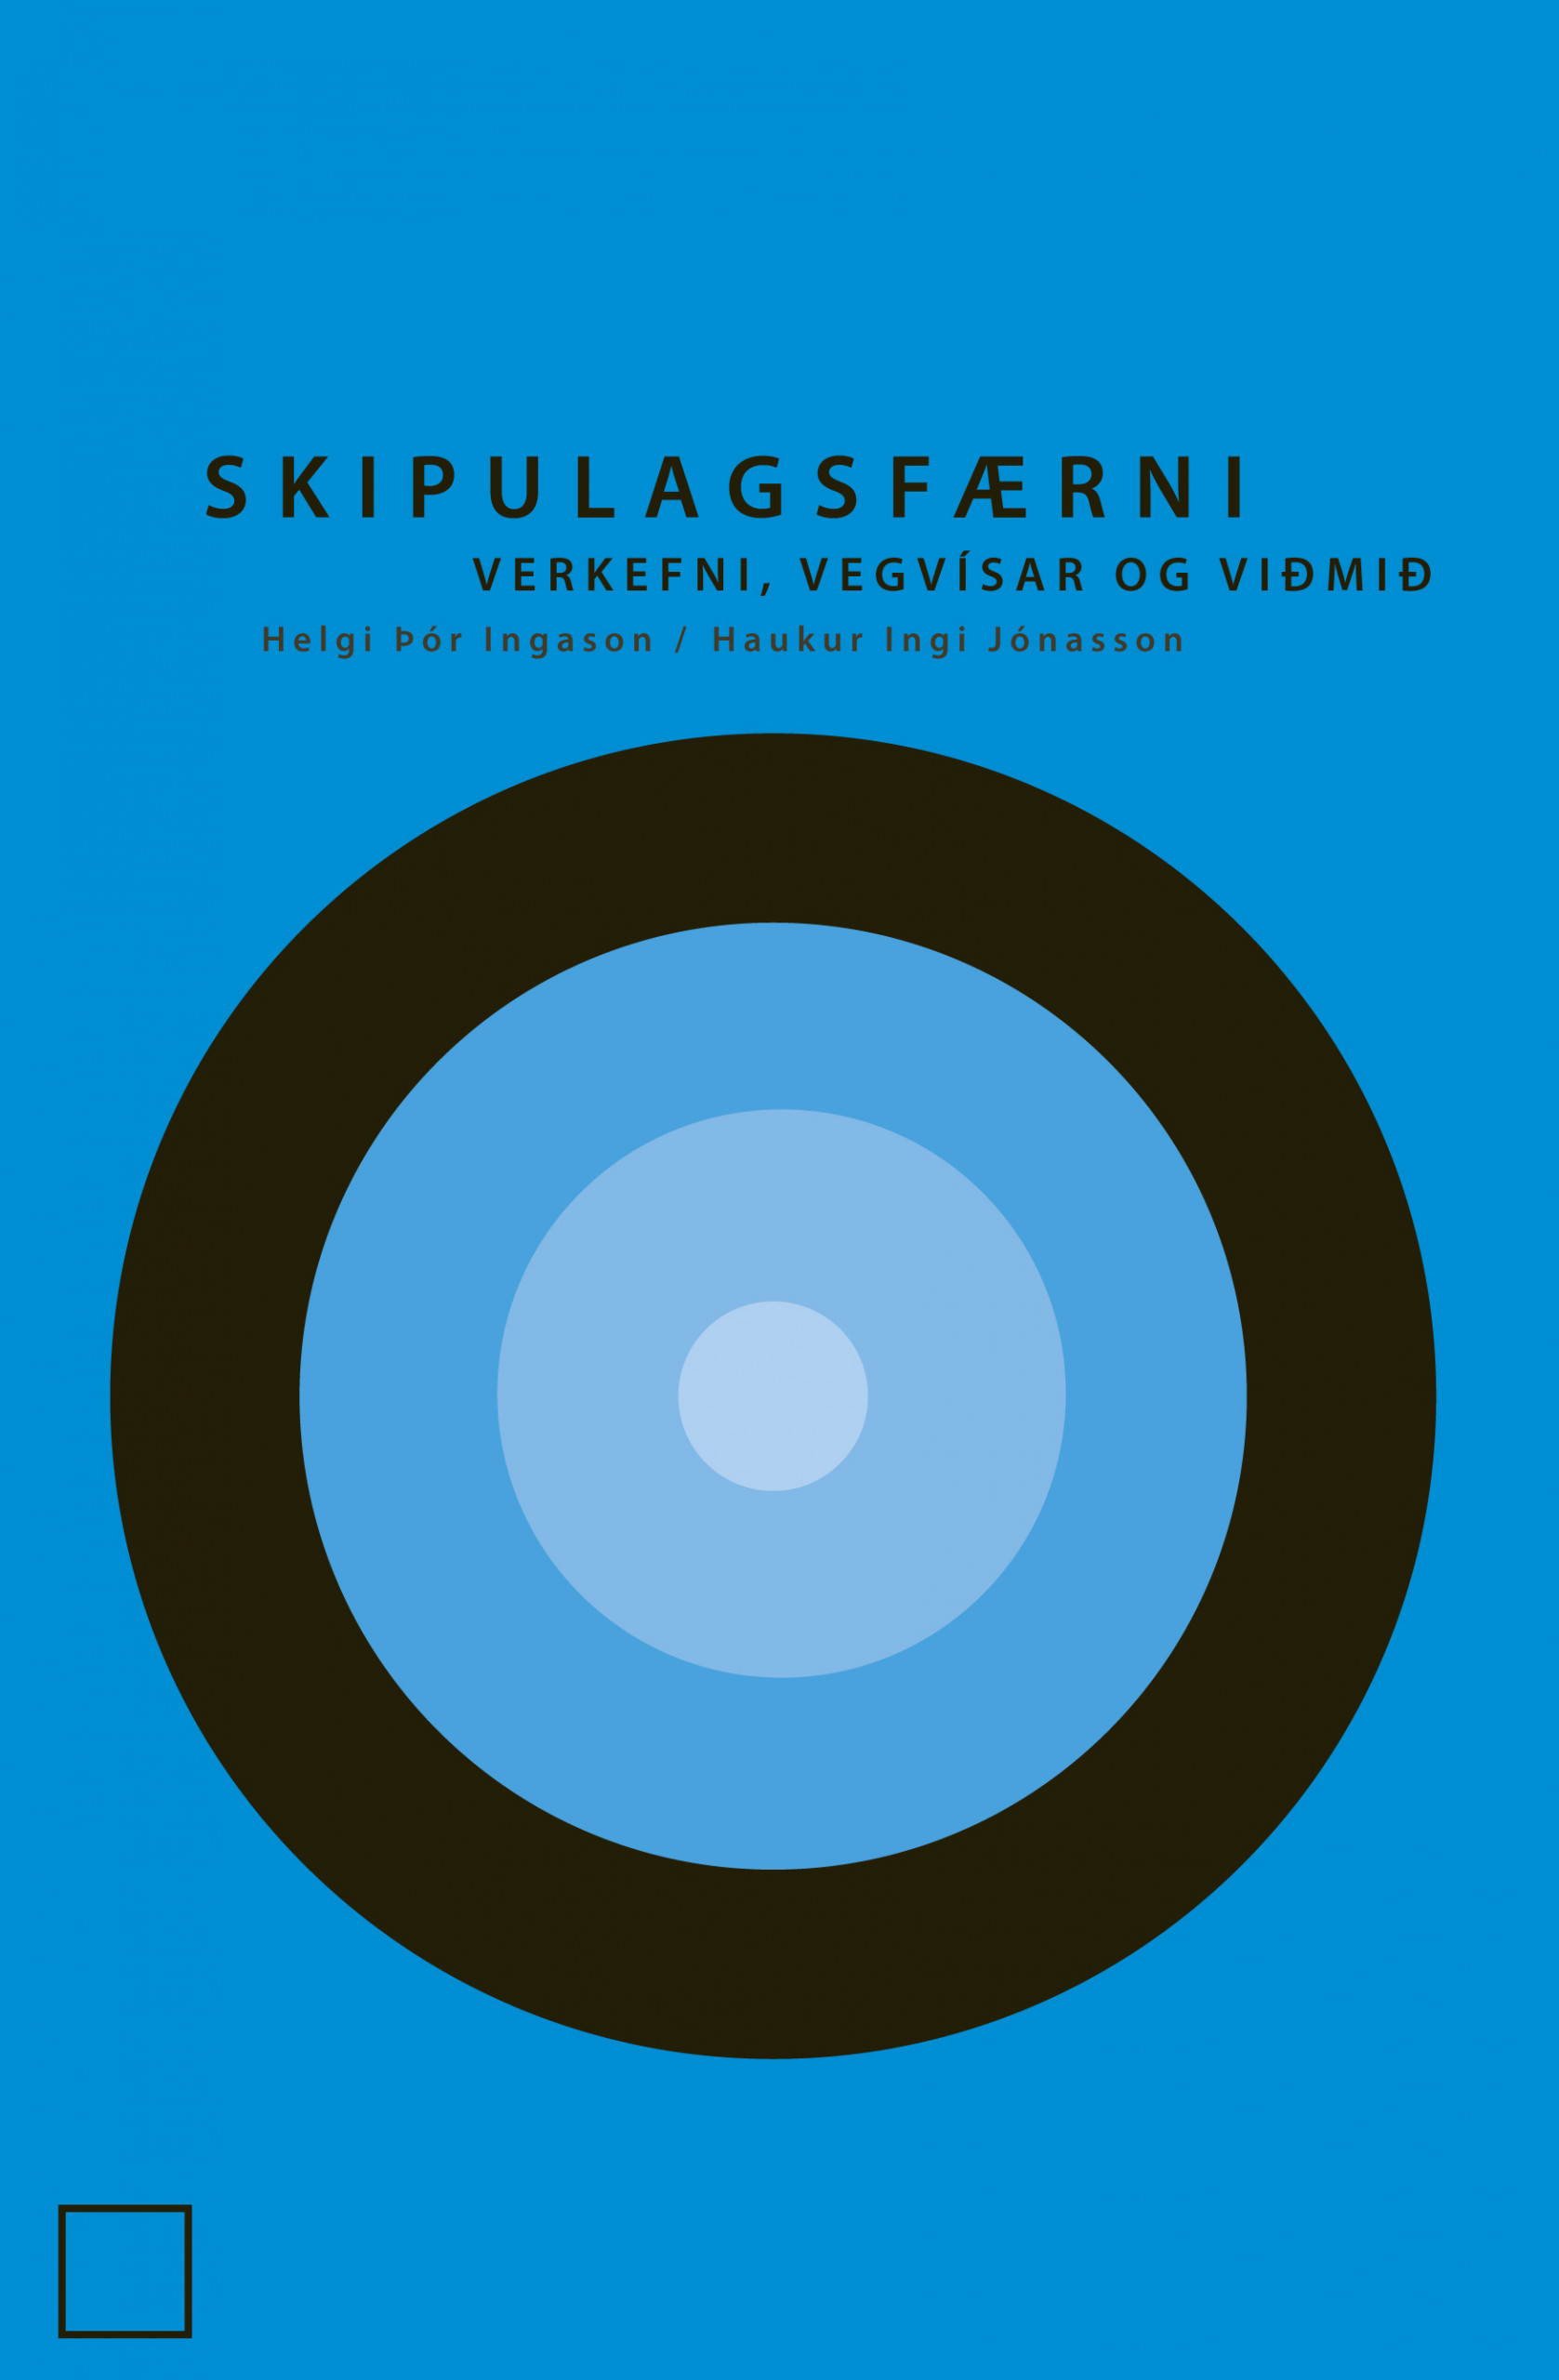 Skipulagsfærni – verkefni, vegvísar og viðmið